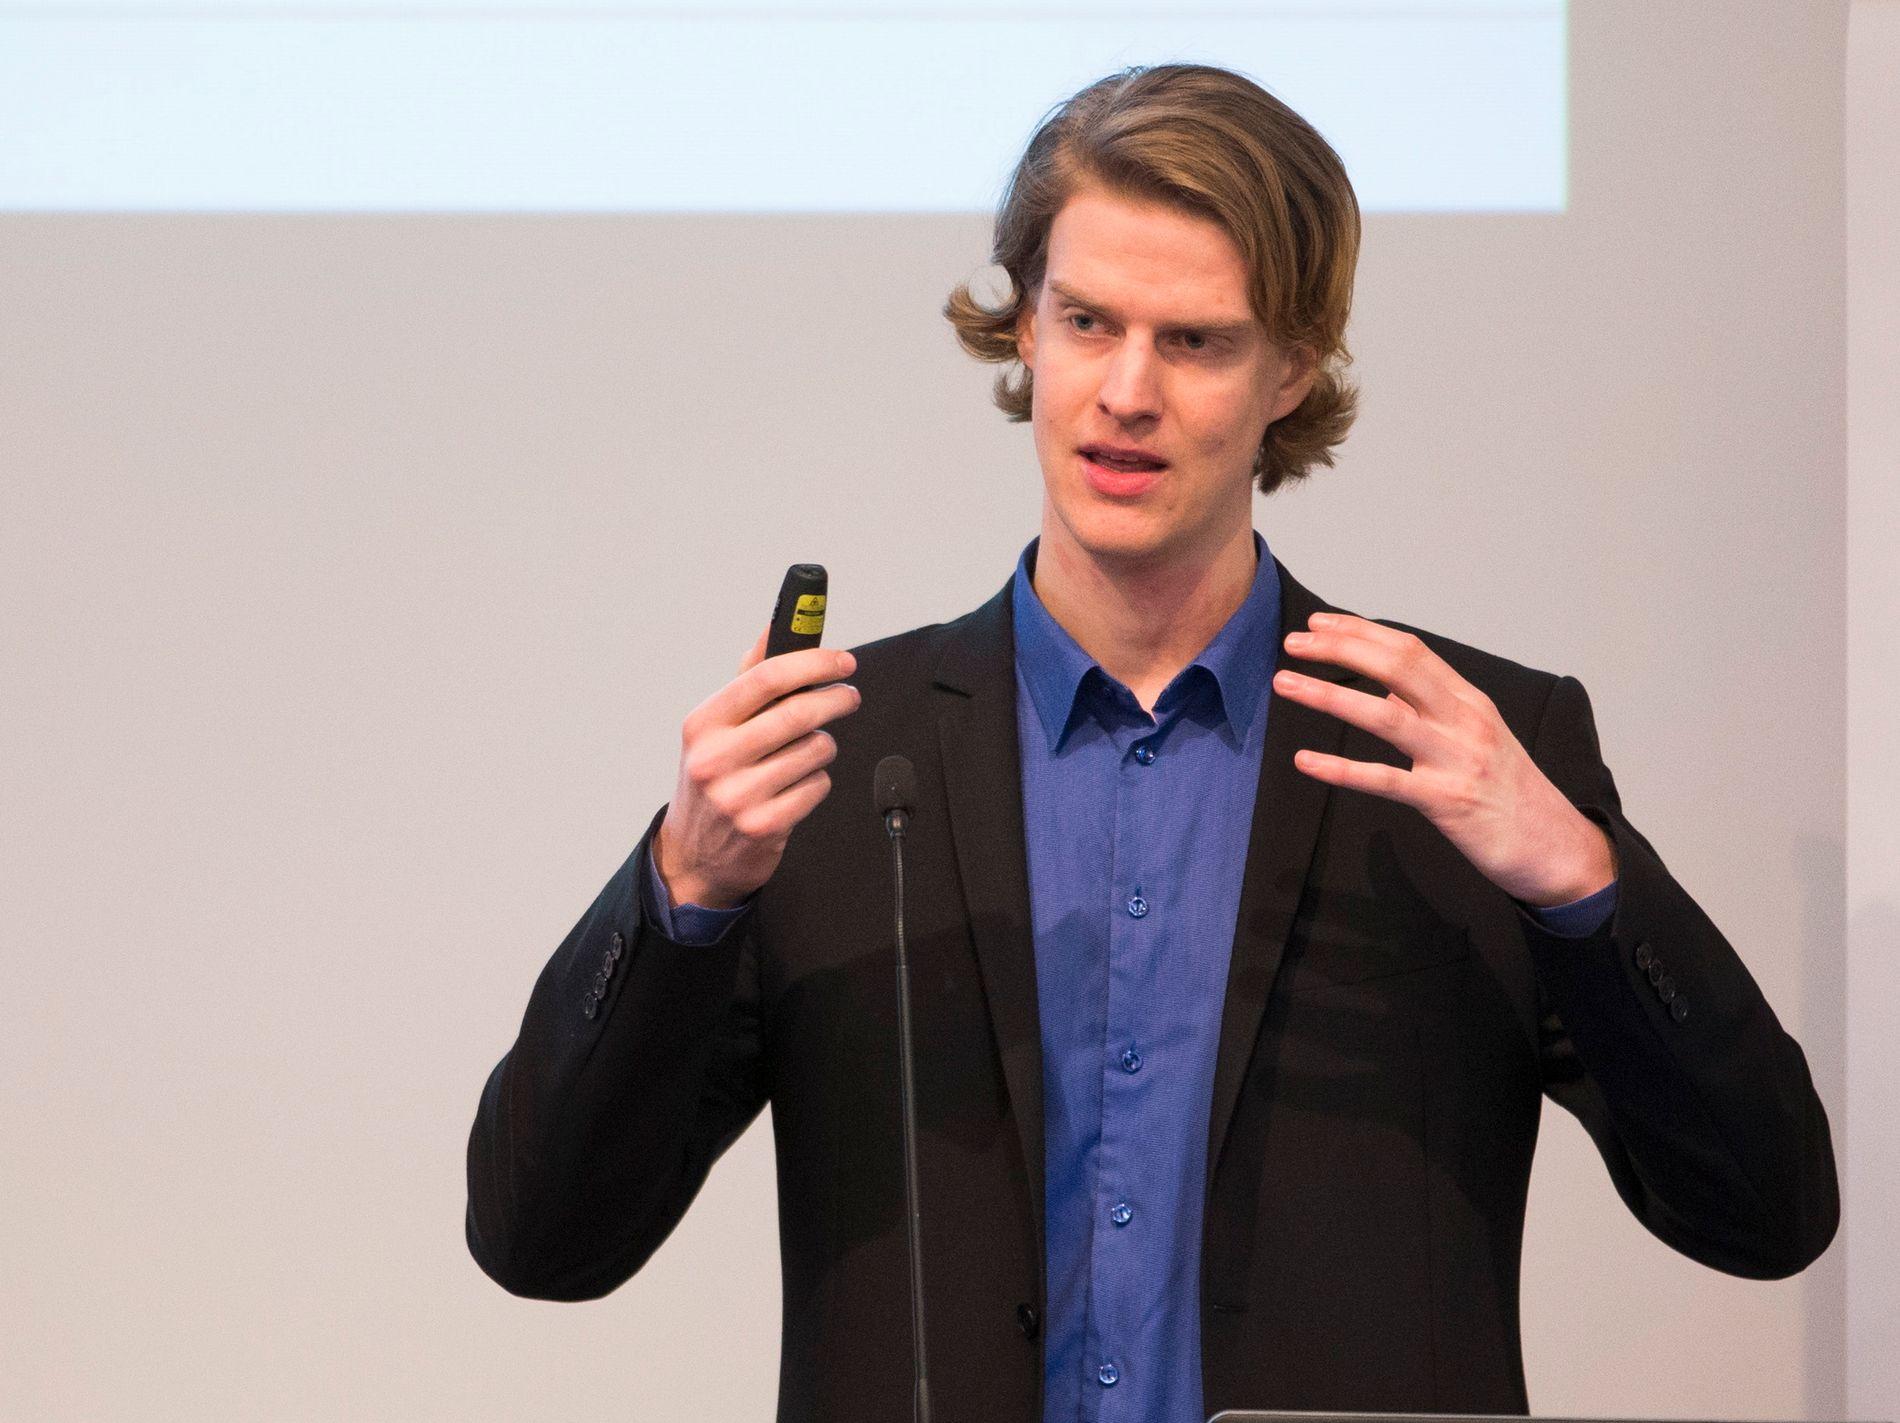 FORTSATT STIGNING: Analytiker i Menon Economics og ekspert på blokkjede-teknologi, Torbjørn Bull Jenssen mener bitcoin vil fortsette å stige i verdi i tiden fremover.